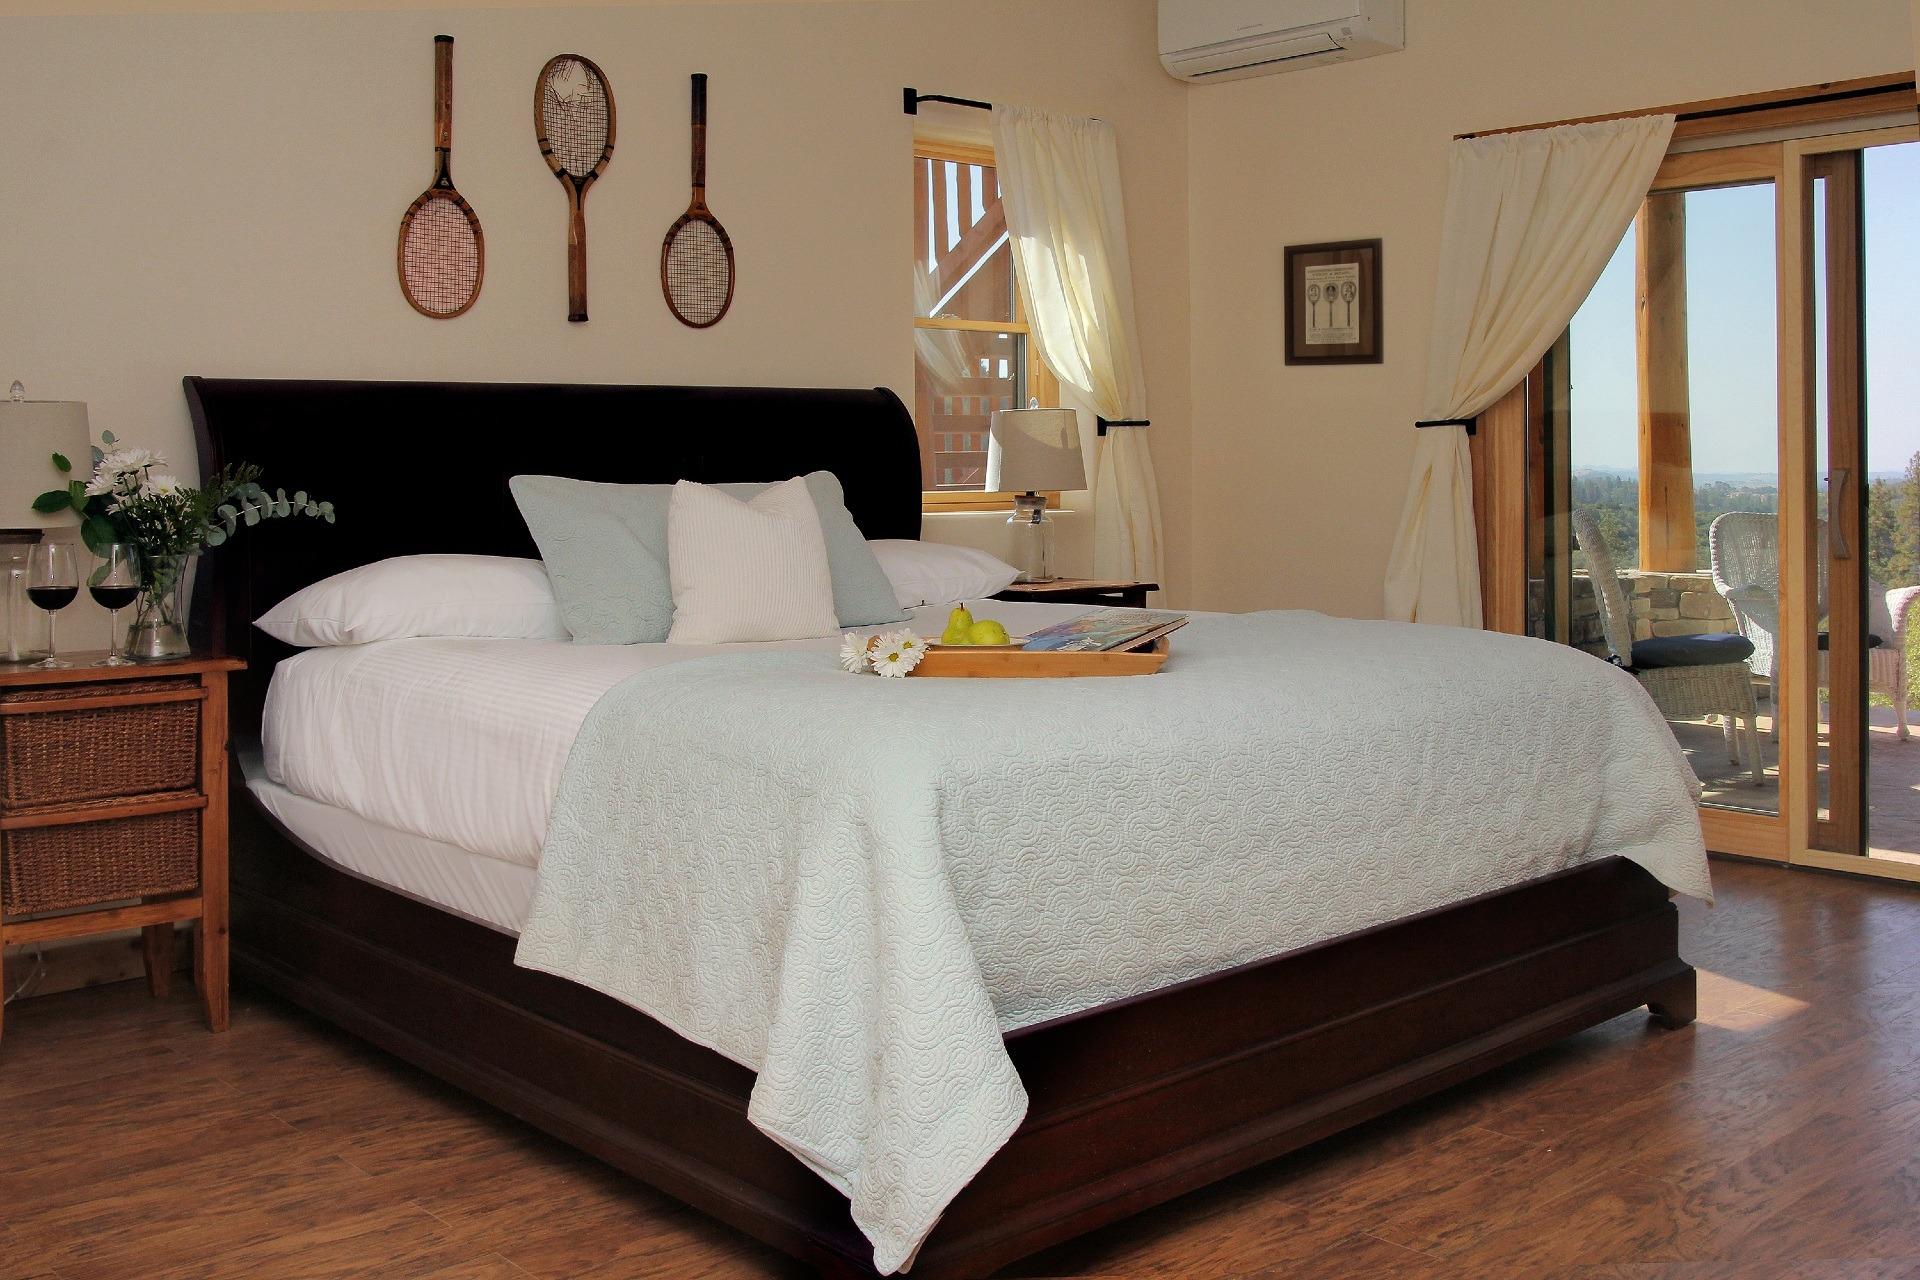 courtwood-inn-davisroom (1)